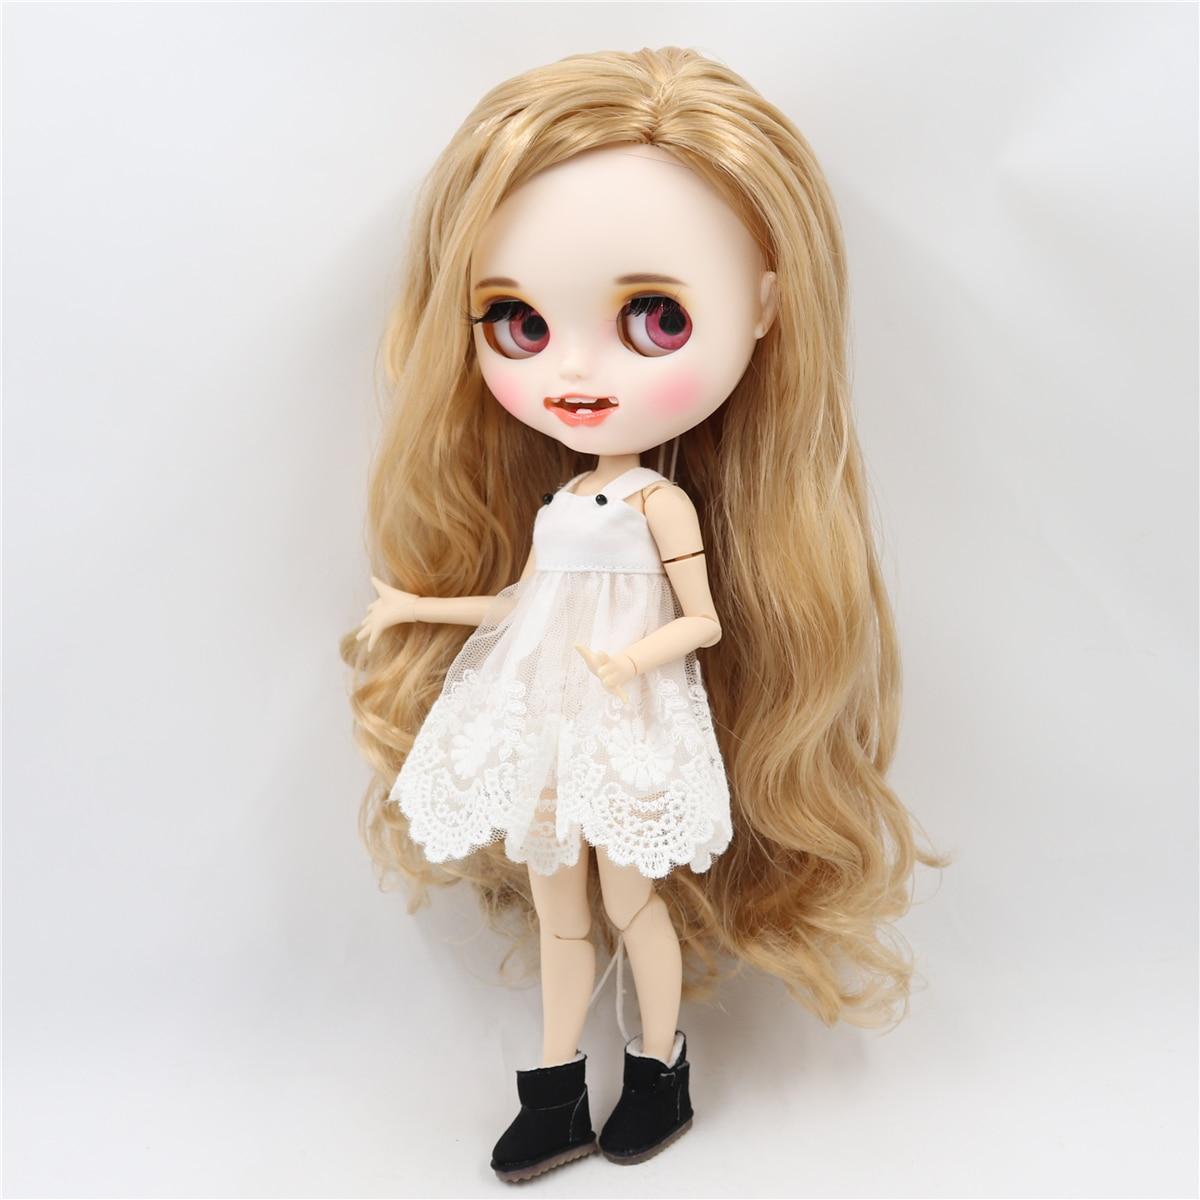 ICY fabryka blyth doll 1/6 bjd biała skóra wspólne ciało złote włosy korzystając z łączy z boku rozstał się, nowy matowy twarzy z zębami, 30 cm BL3227/2240 w Lalki od Zabawki i hobby na  Grupa 3